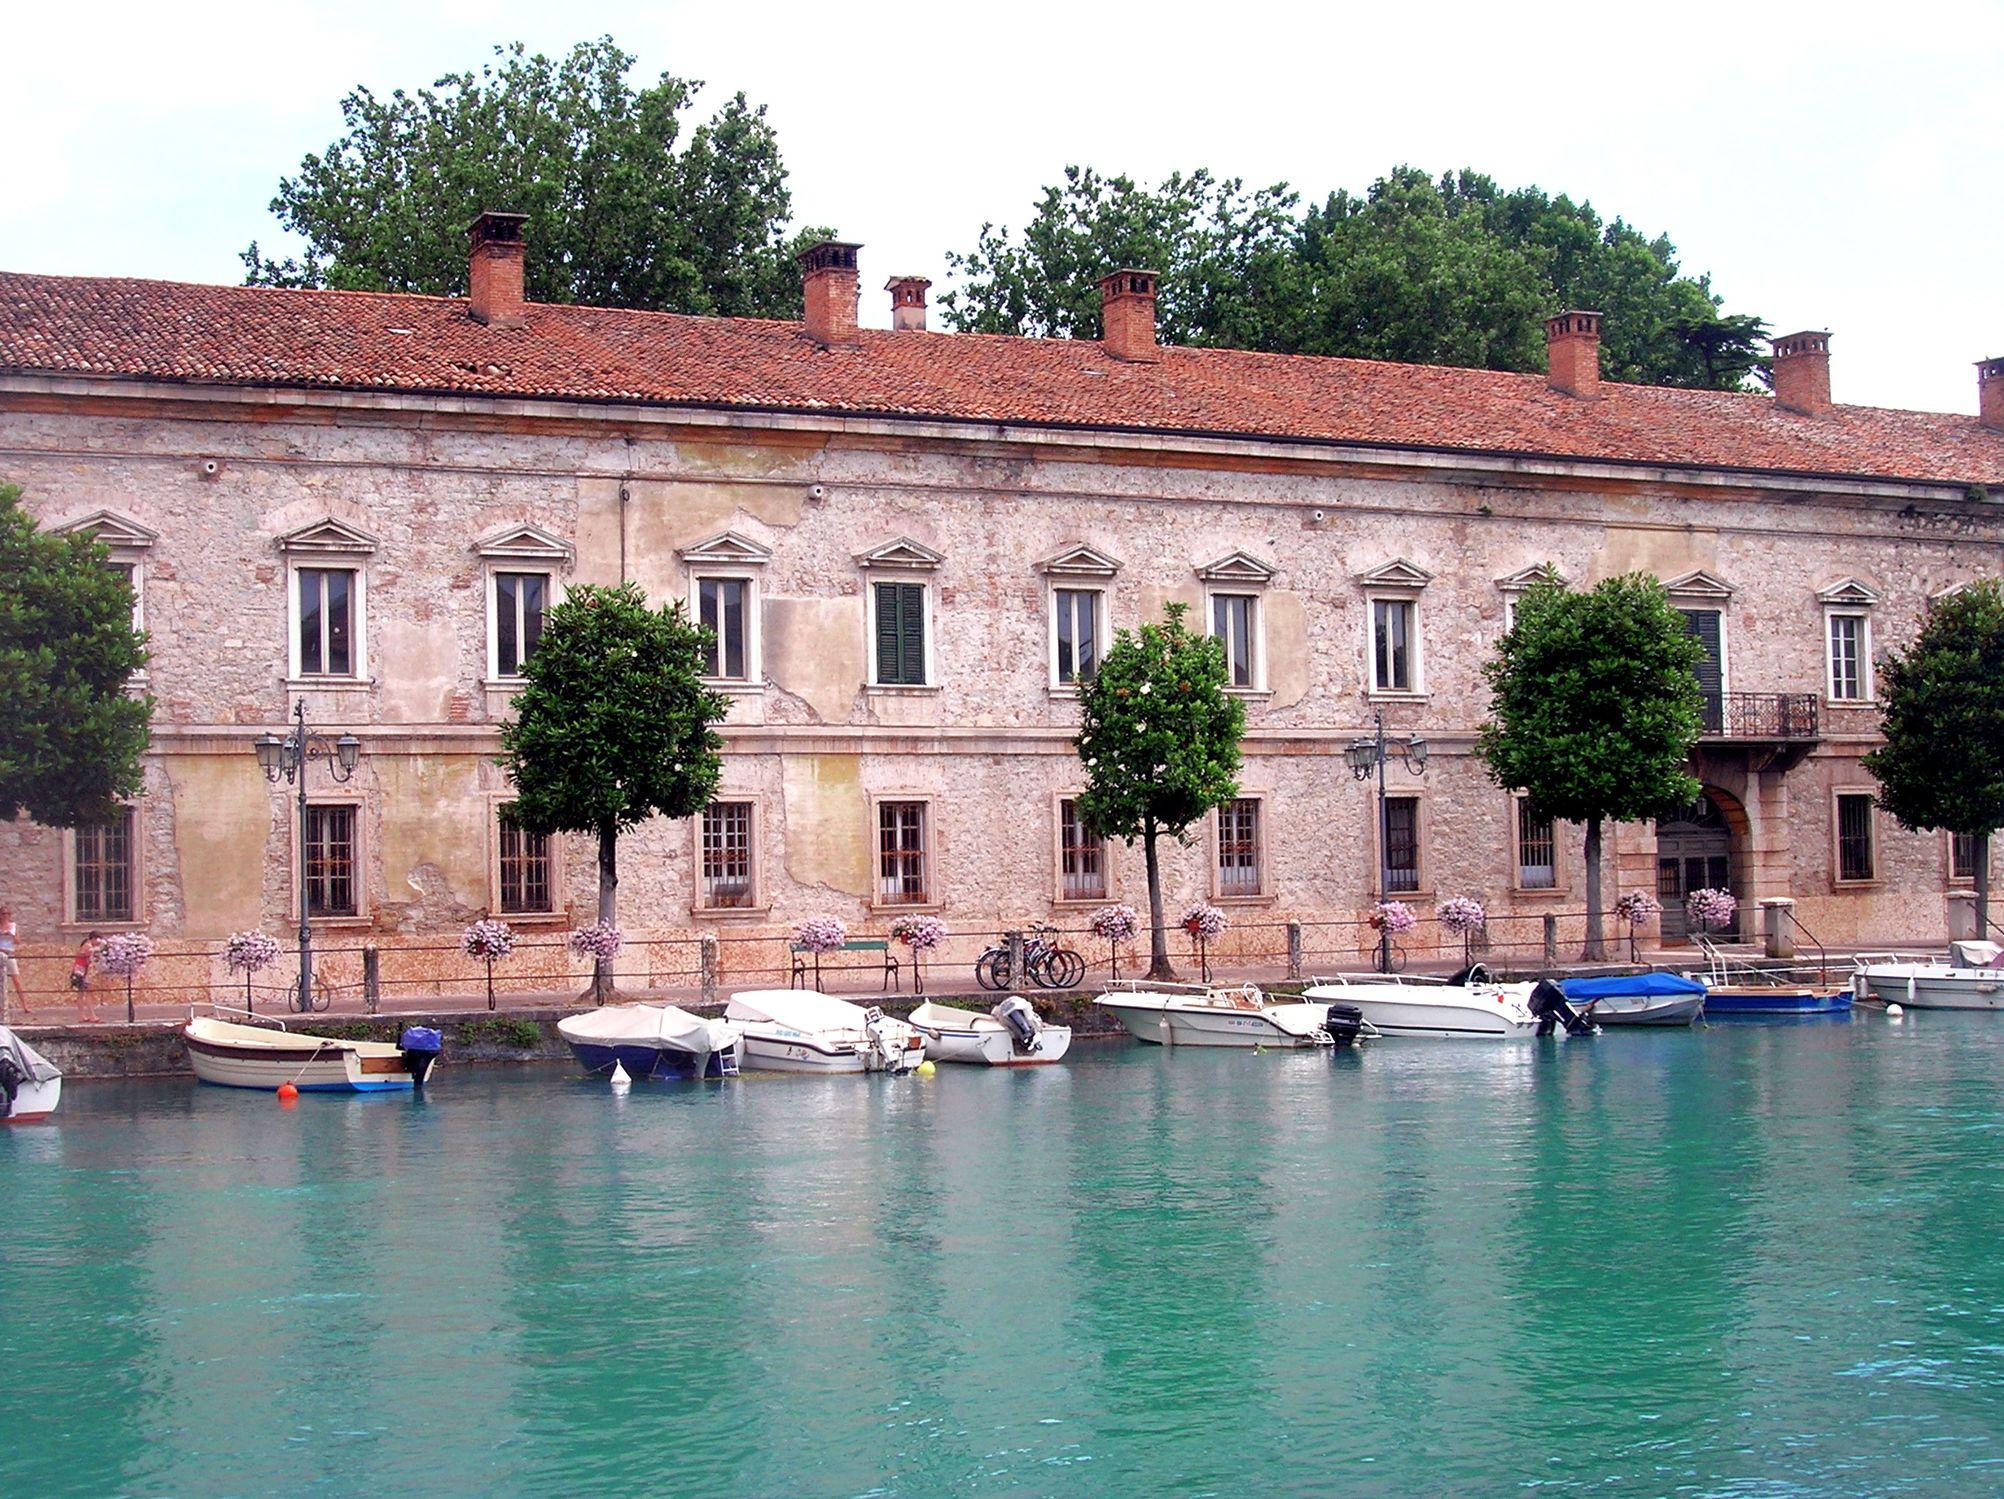 Bild mit Natur, Elemente, Wasser, Landschaften, Gewässer, Flüsse, Architektur, Bauwerke, Gebäude, Wahrzeichen, Italien, Kanäle